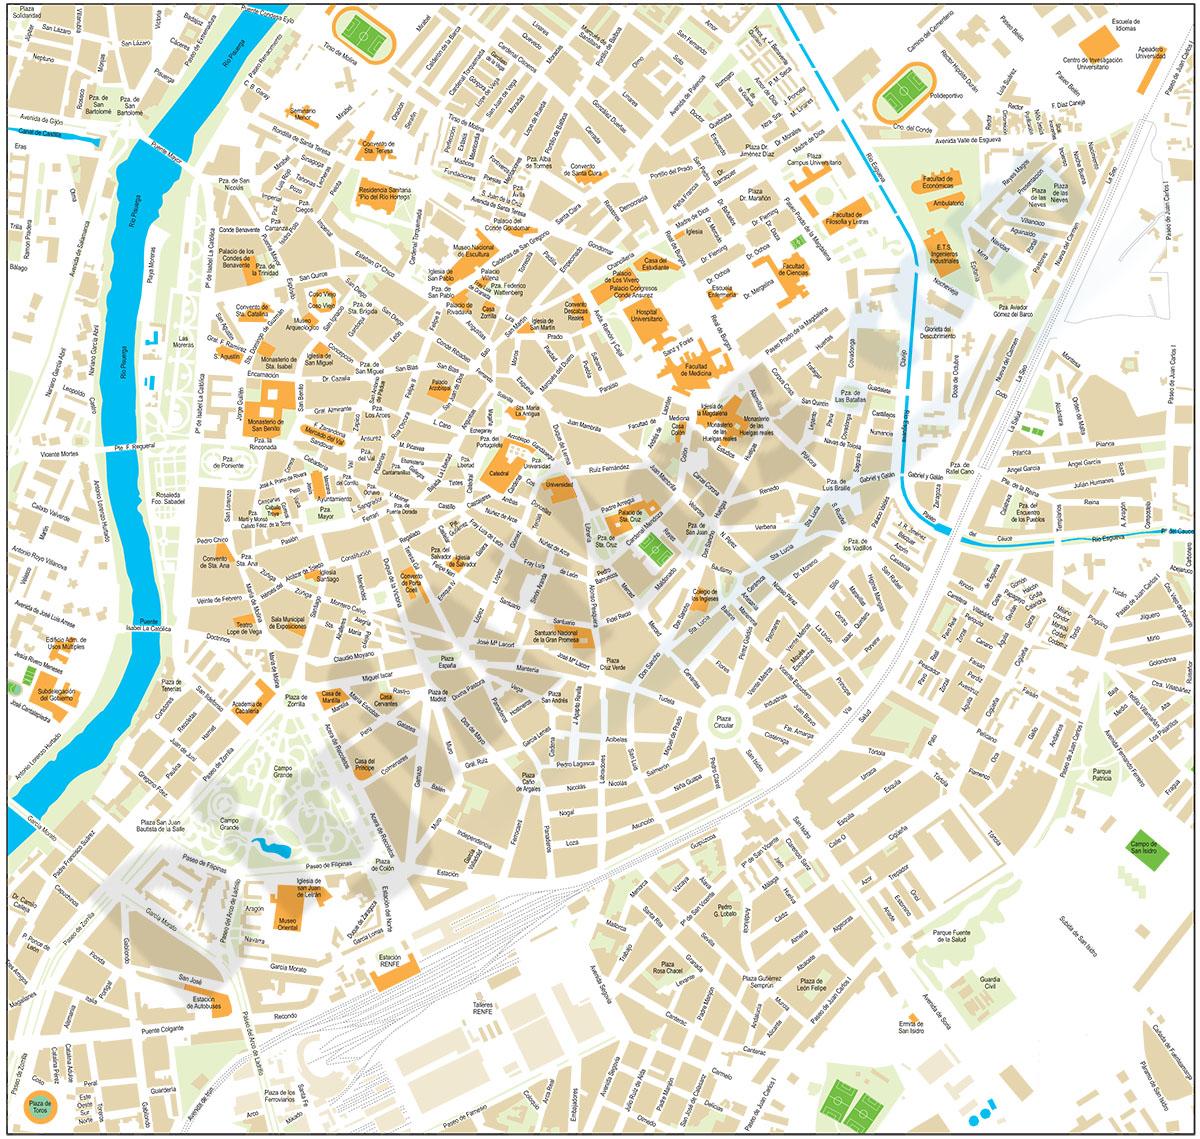 Valladolid centro - plano callejero